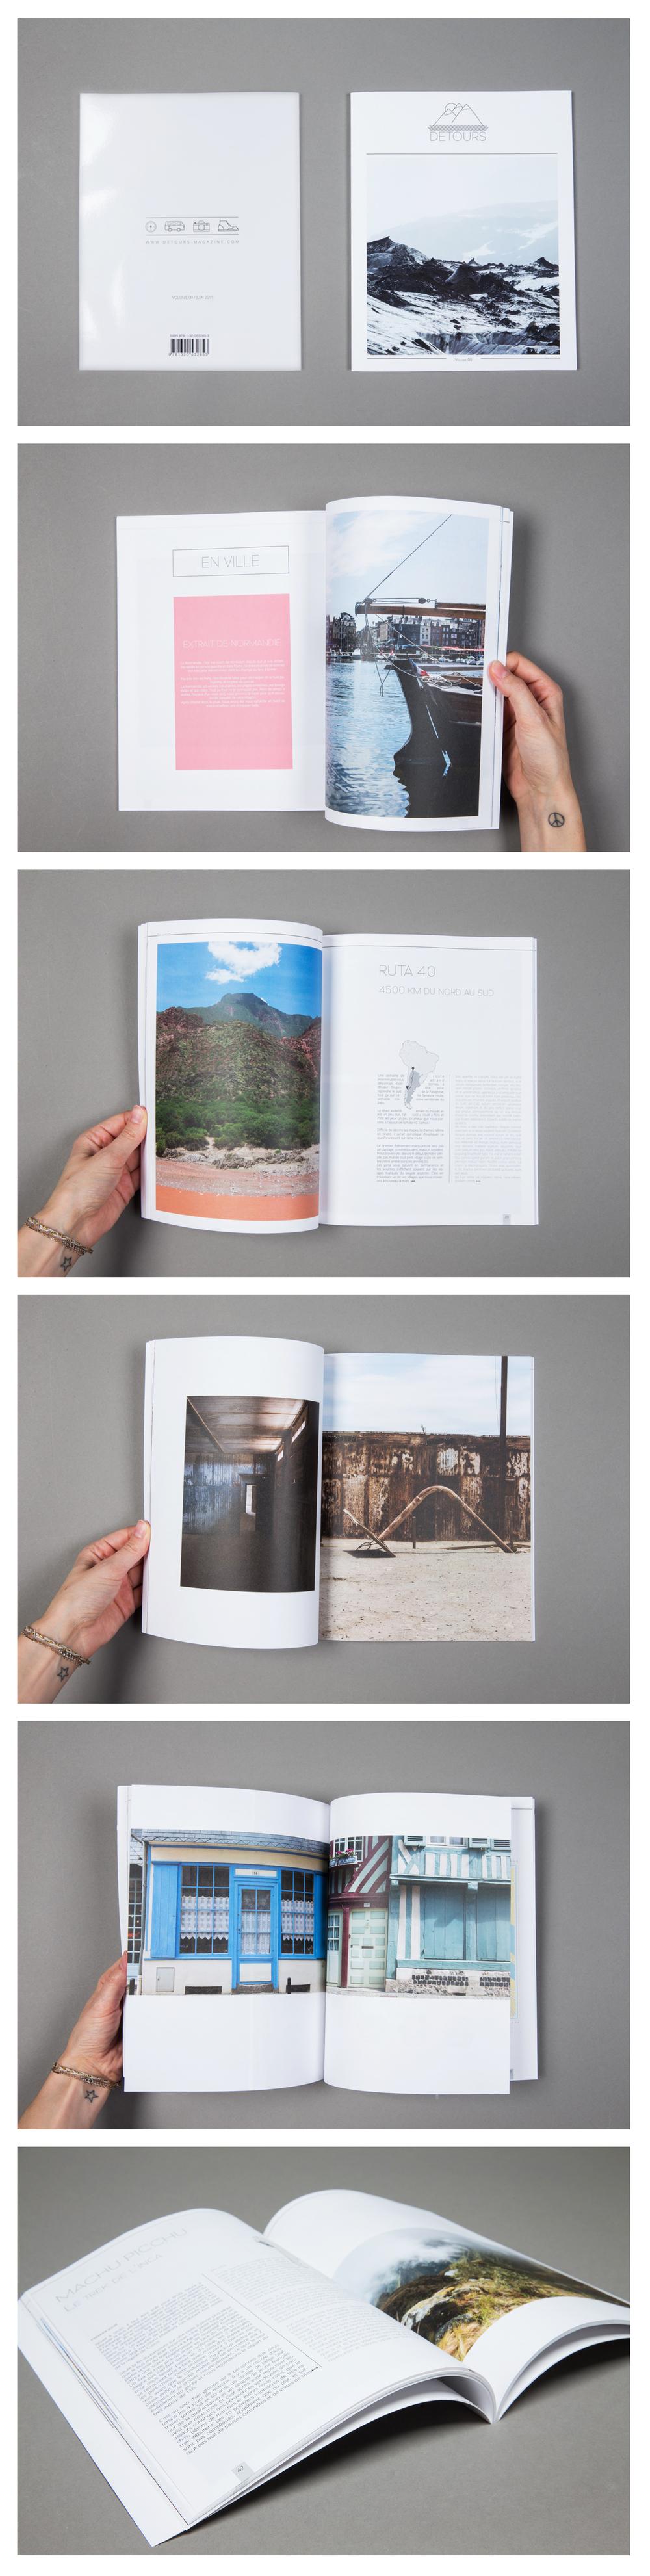 Detours Magazine.Volume 00